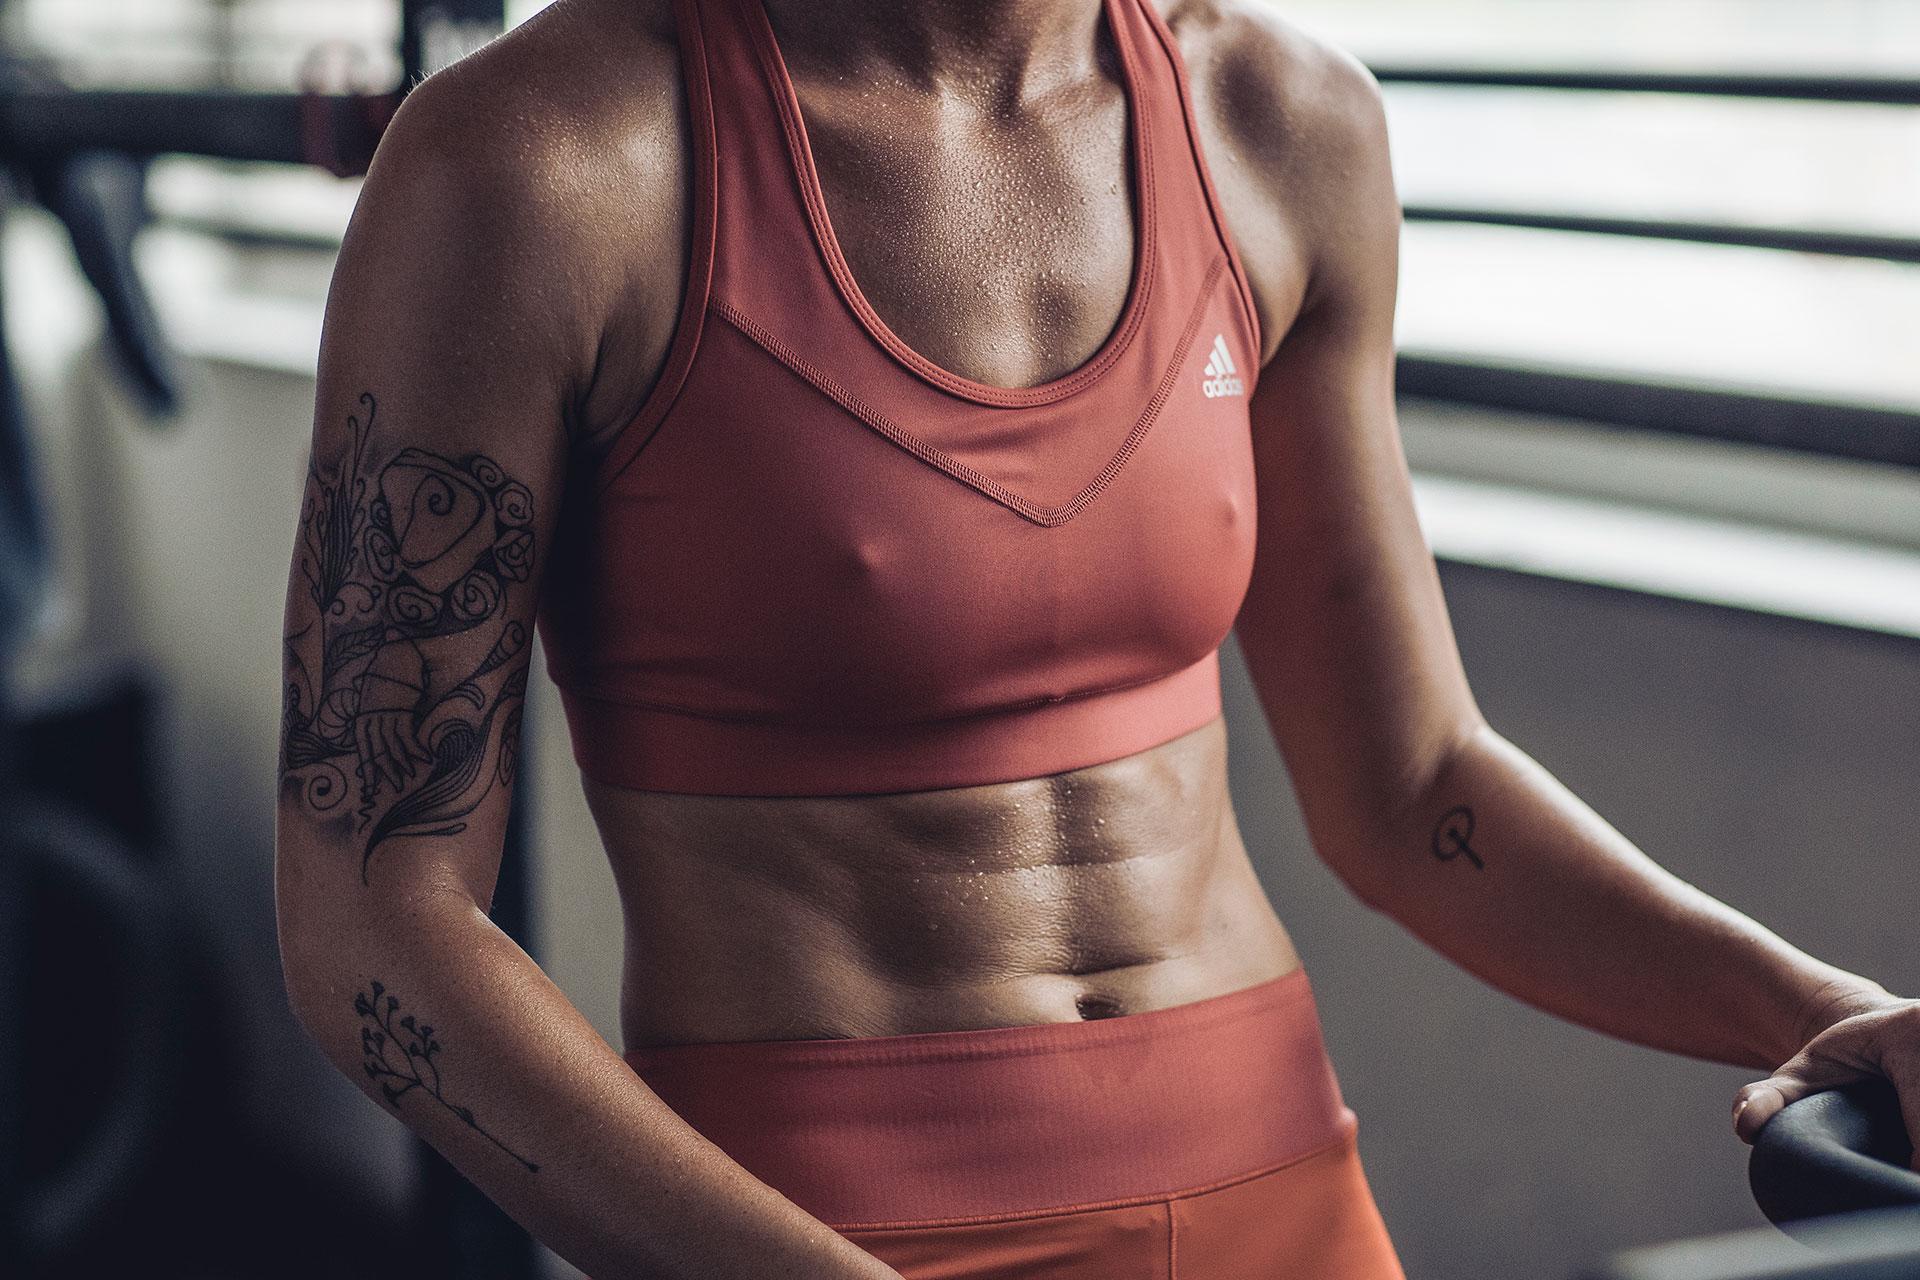 bauchmuskeln abs crossfit fotograf fitness training sport deutschland muenchen